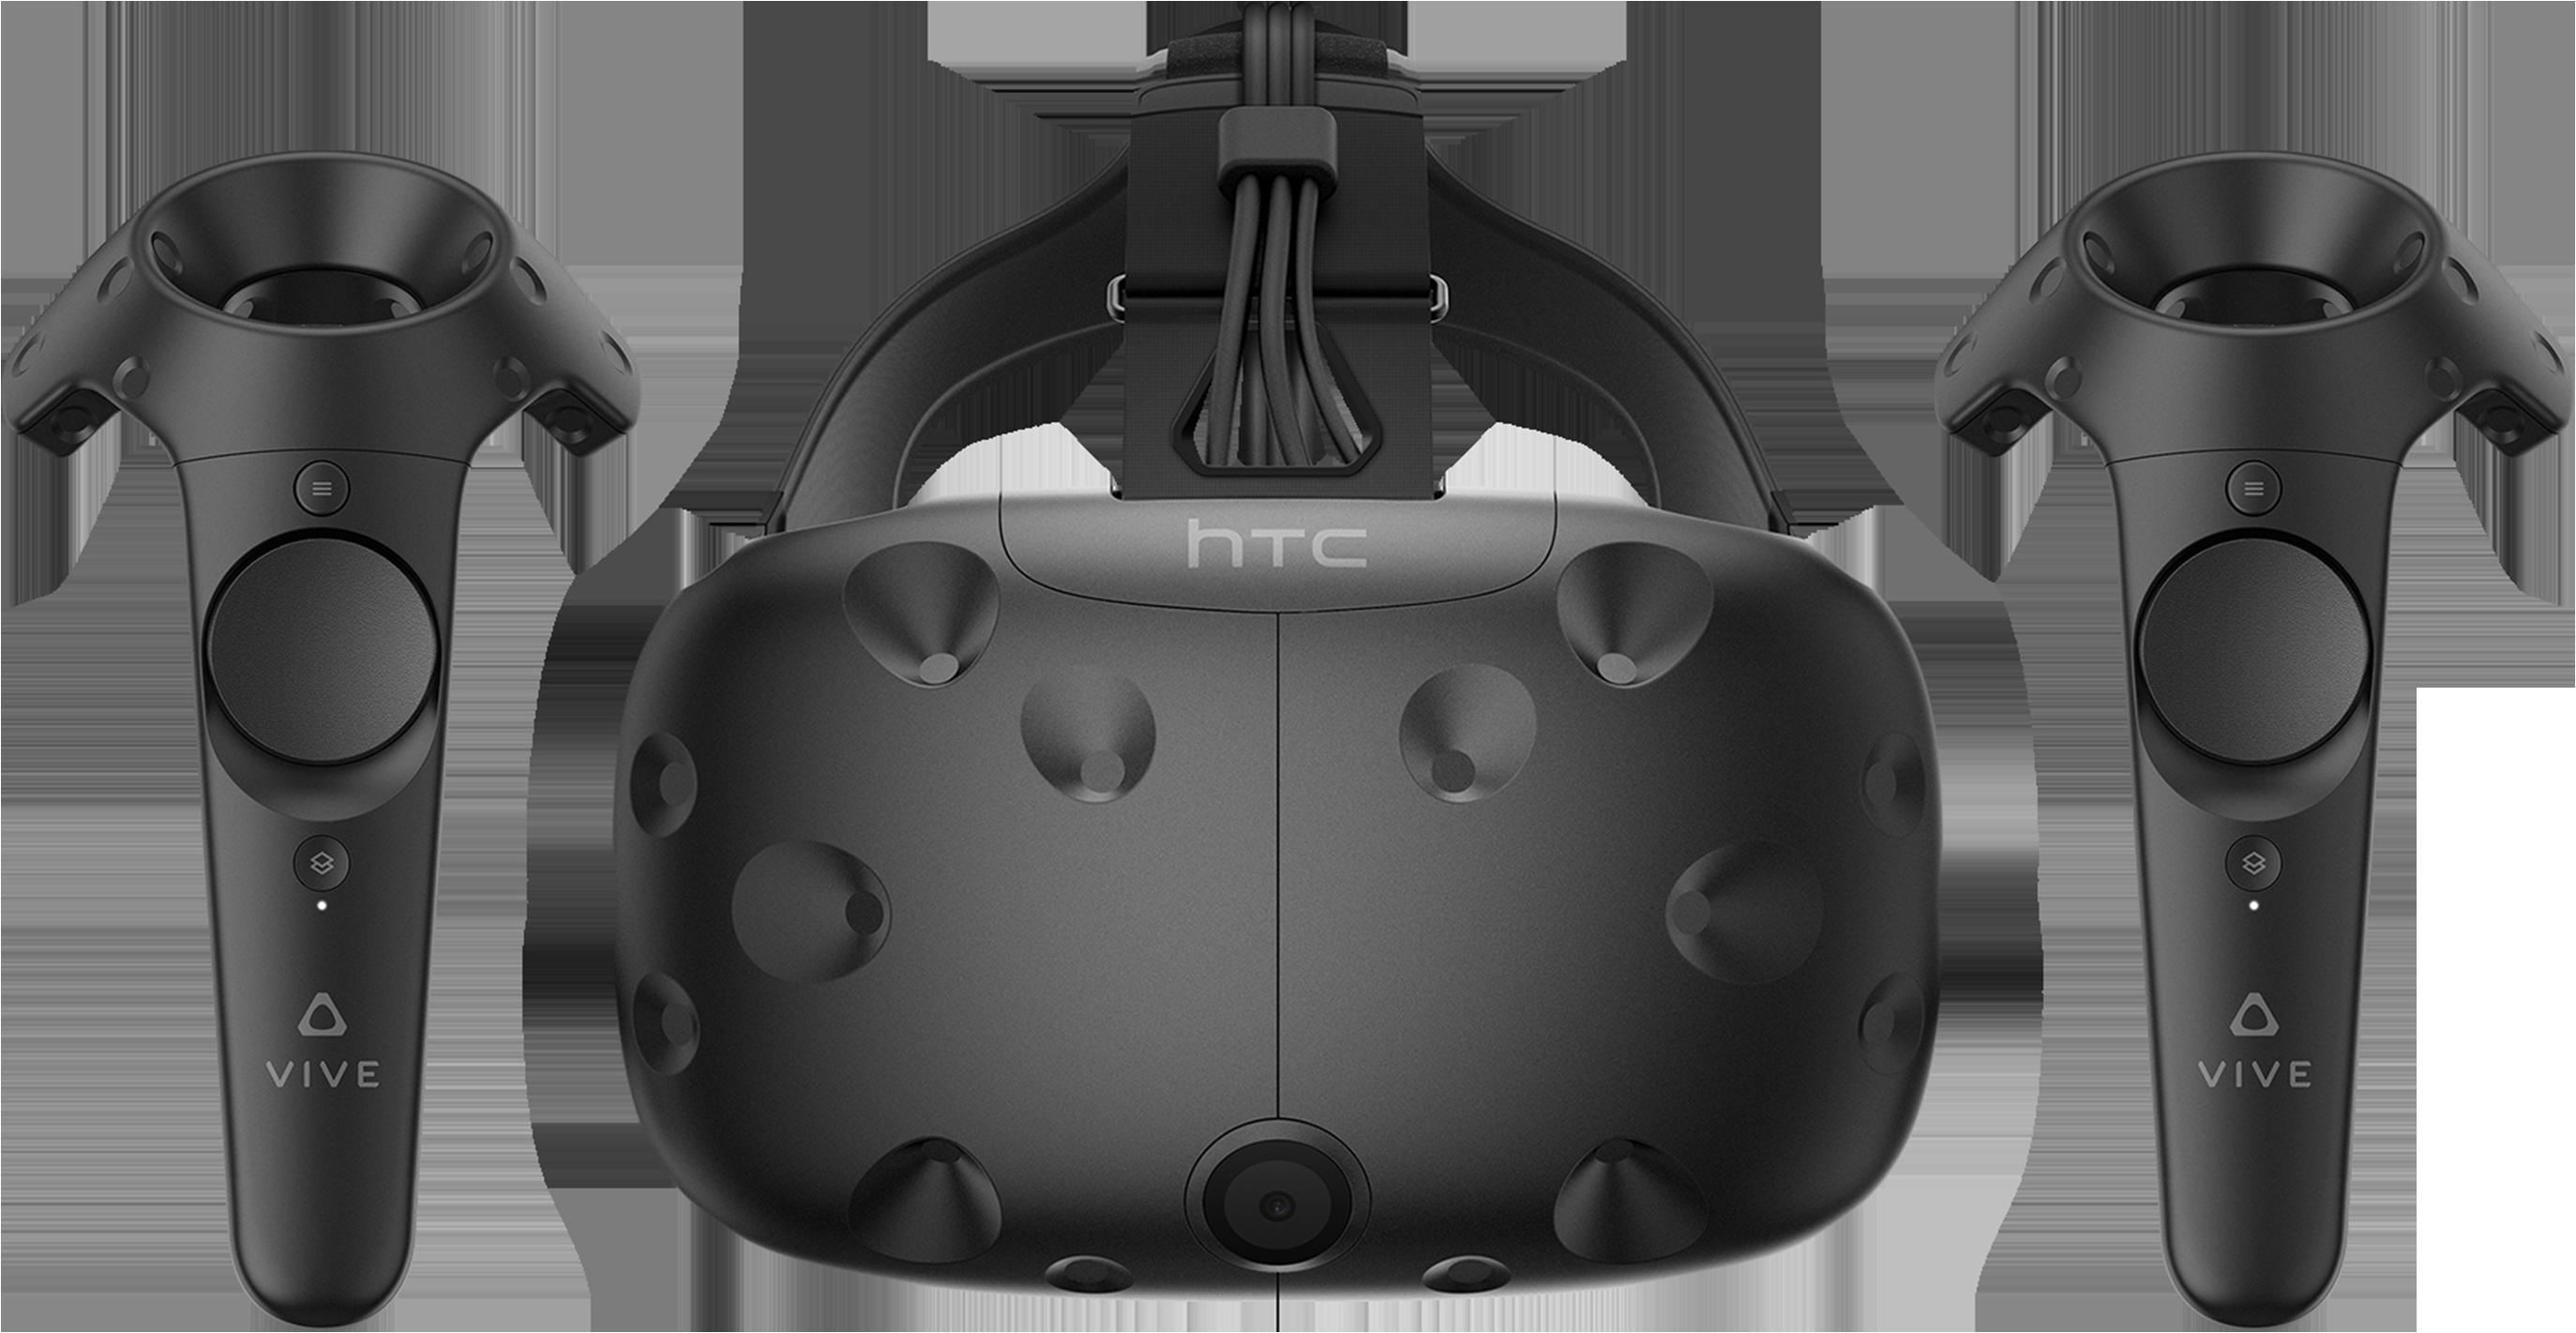 HTC VIVE Virtual Reality System - Microsoft